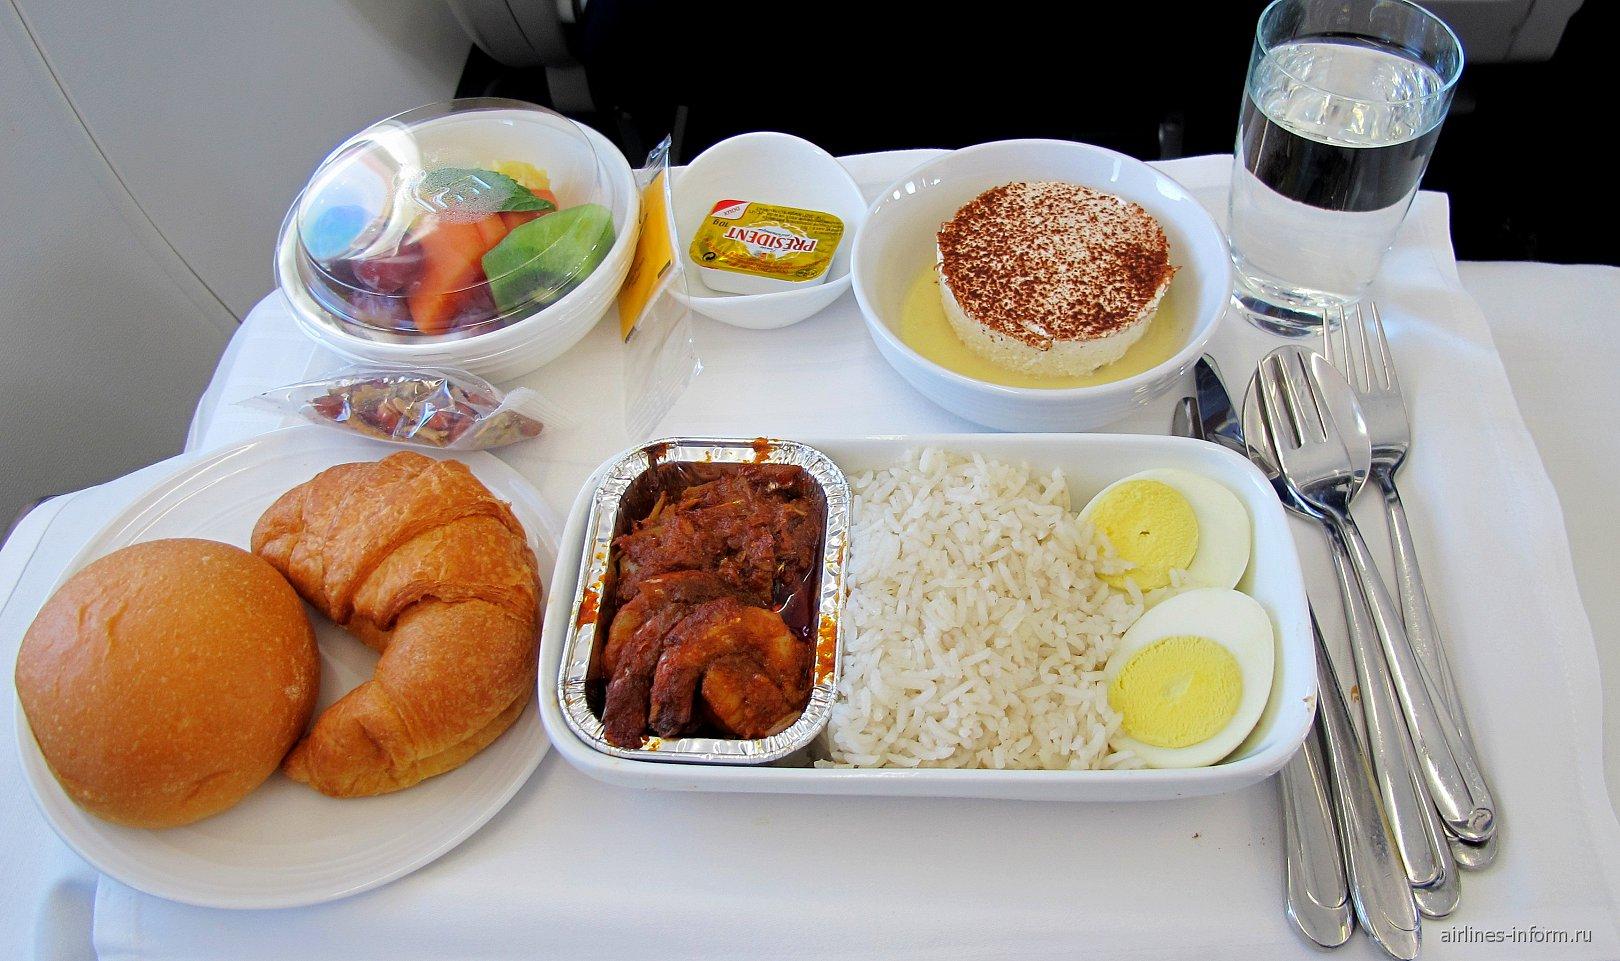 Завтрак в бизнес-классе Малайзийских авиалиний на рейсе Куала-Лумпур - Катманду